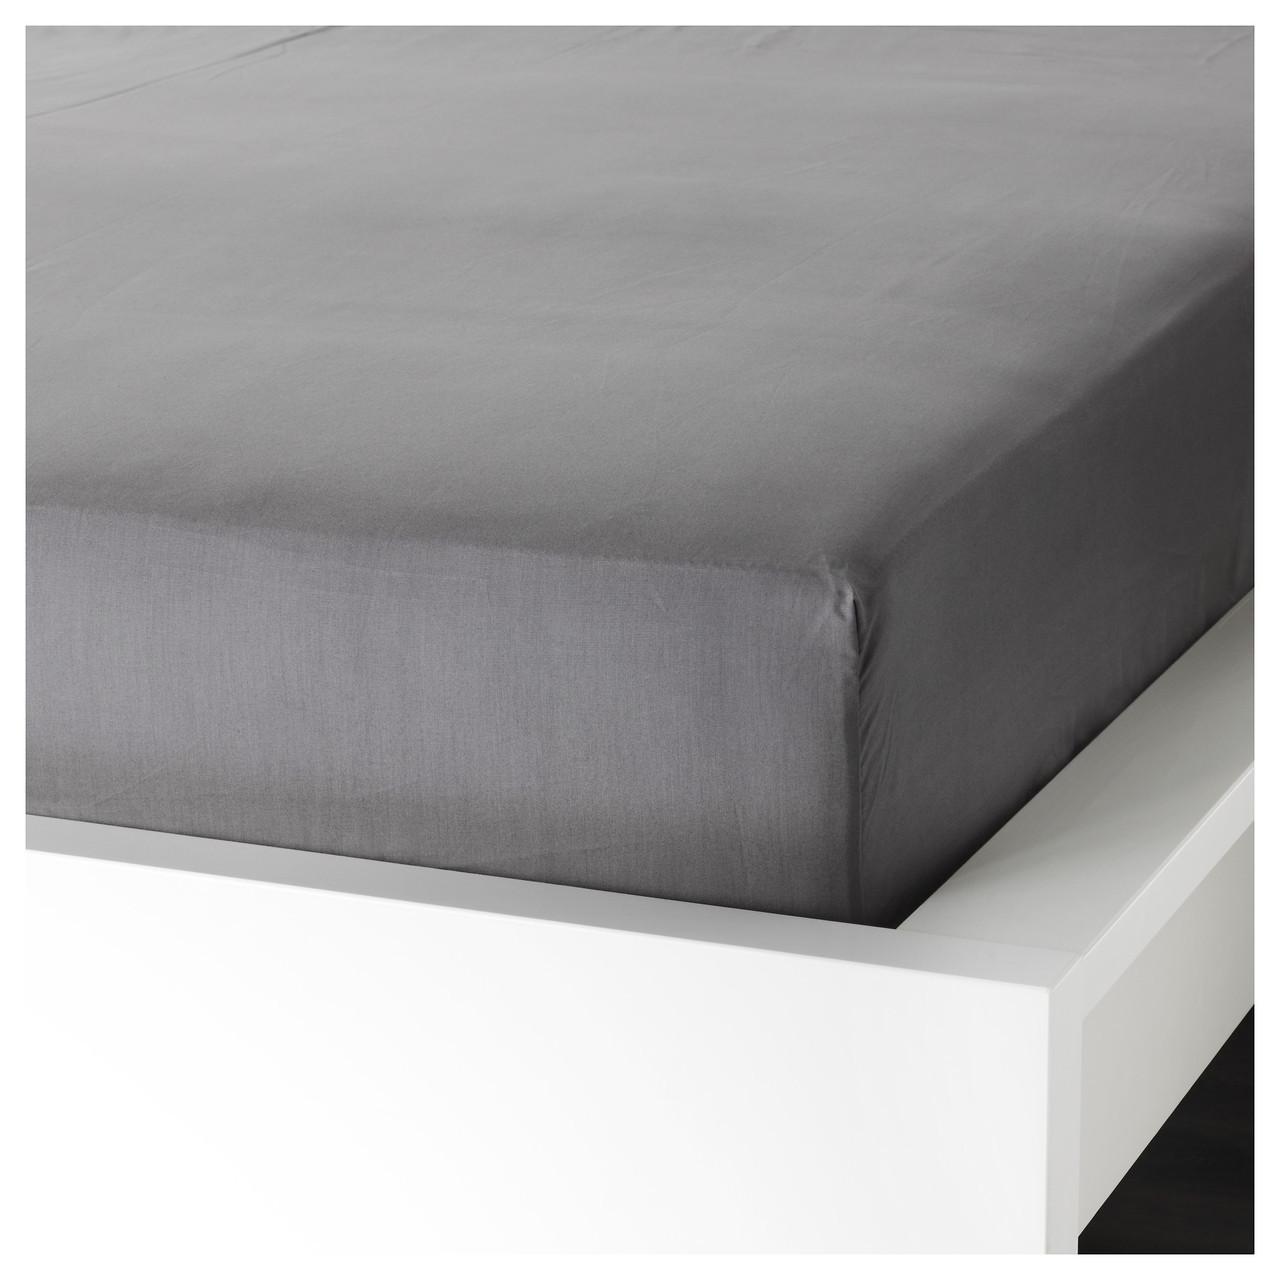 Простыня на резинке IKEA ULLVIDE 180х200 см натяжная серая 703.355.42